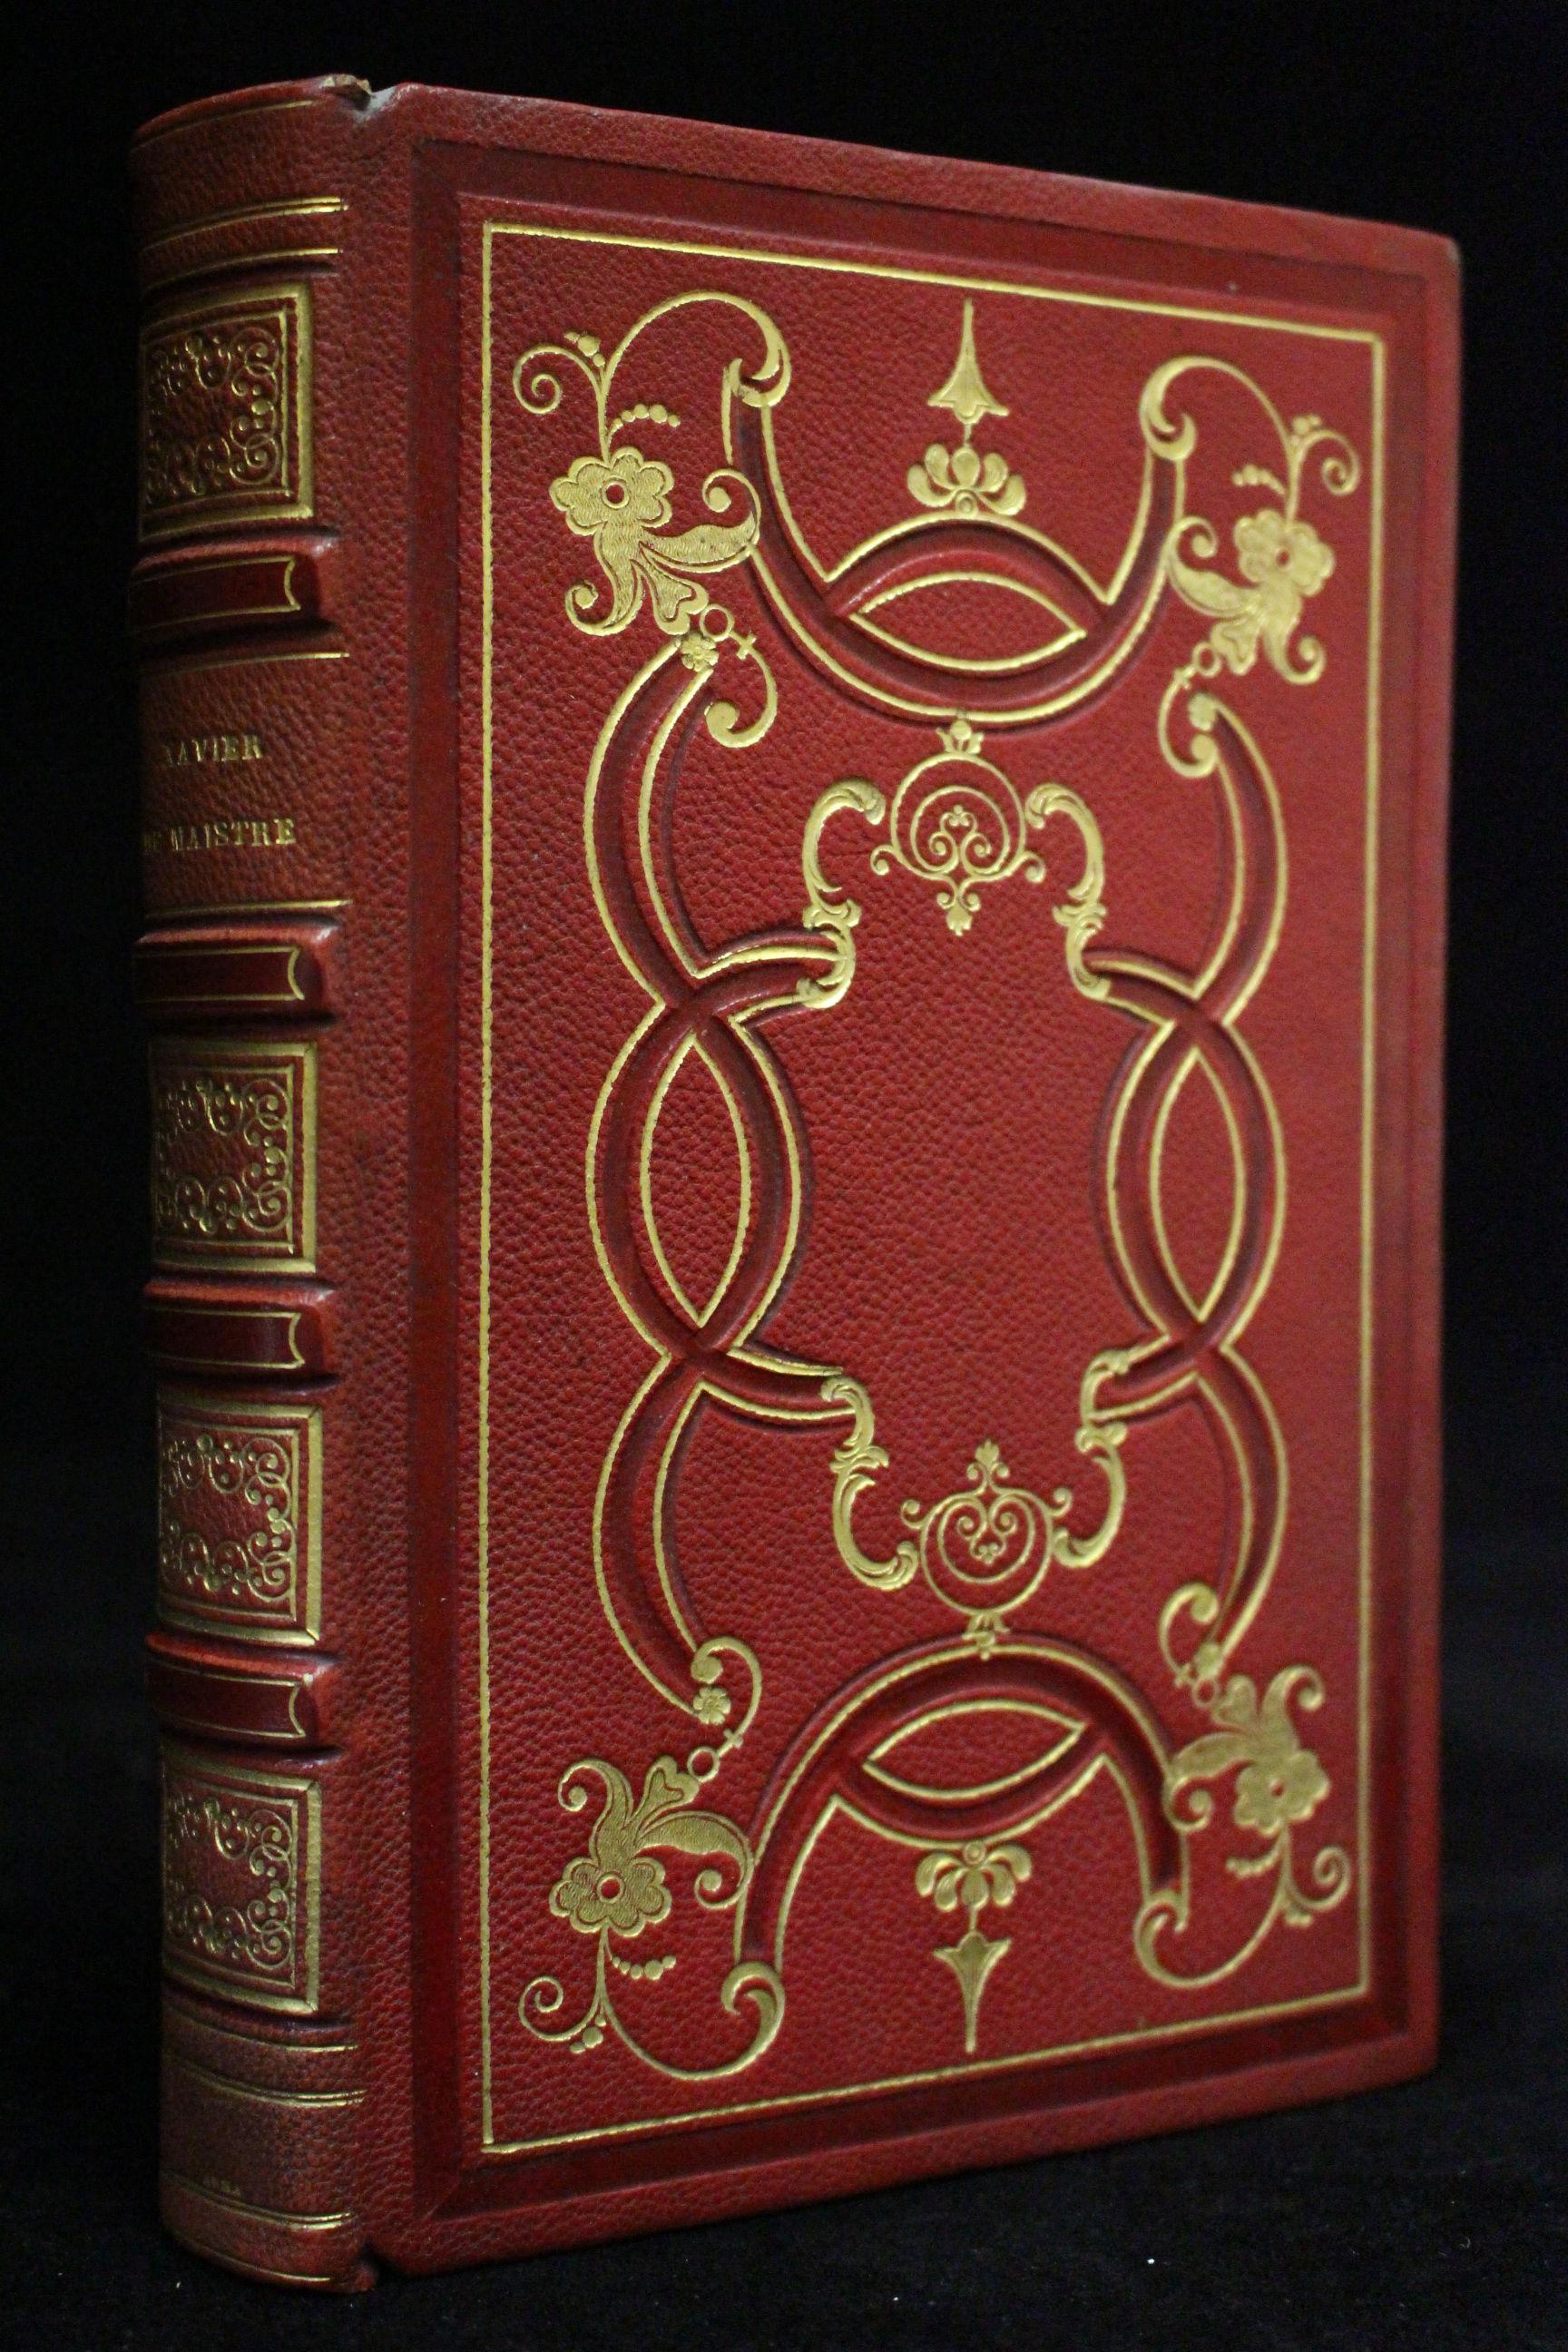 Voyage autour de ma chambre by maistre xavier de 1844 for Autour de ma chambre